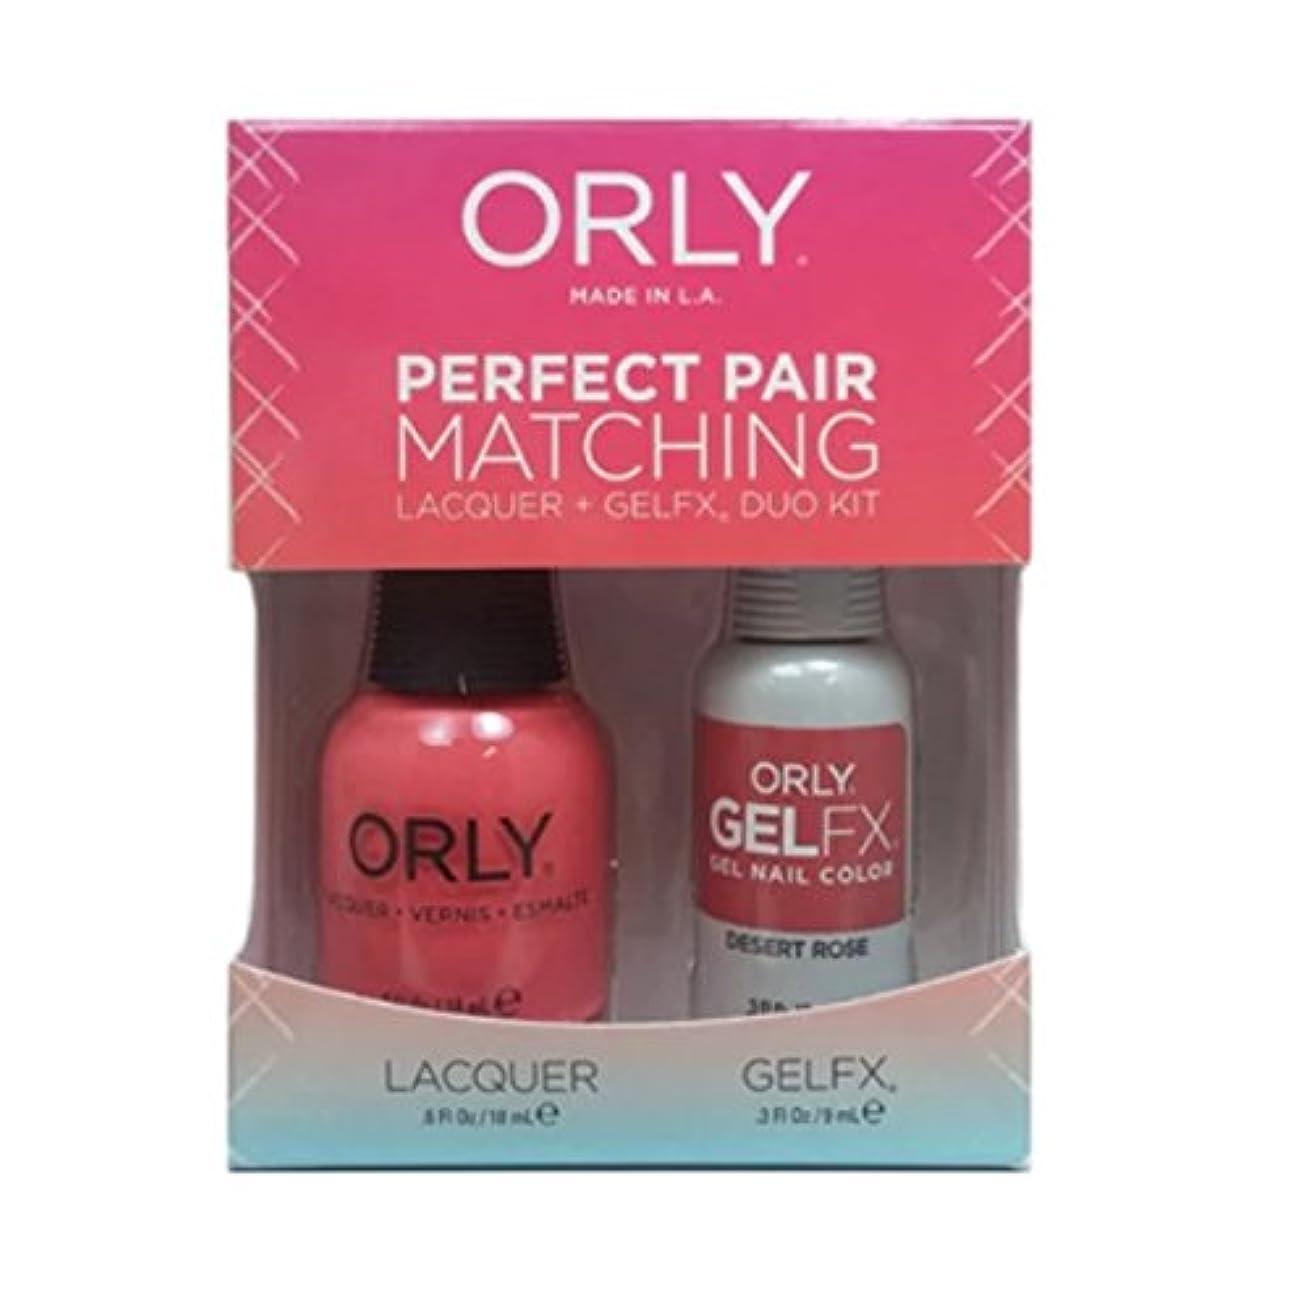 コミュニケーション氏モットーOrly - Perfect Pair Matching Lacquer+Gel FX Kit - Desert Rose - 0.6 oz / 0.3 oz